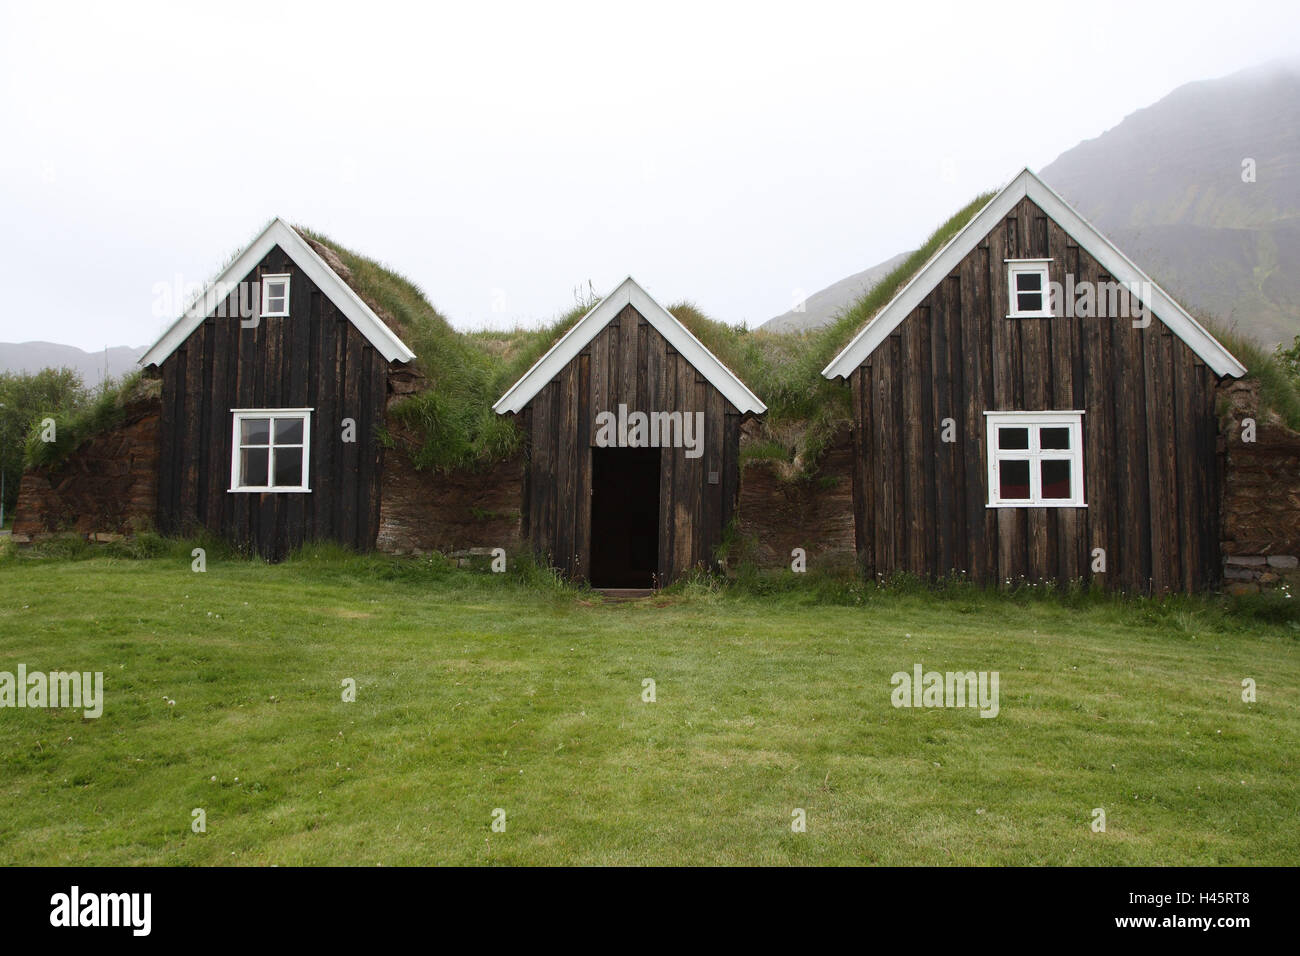 sod houses, Holar, Iceland, - Stock Image